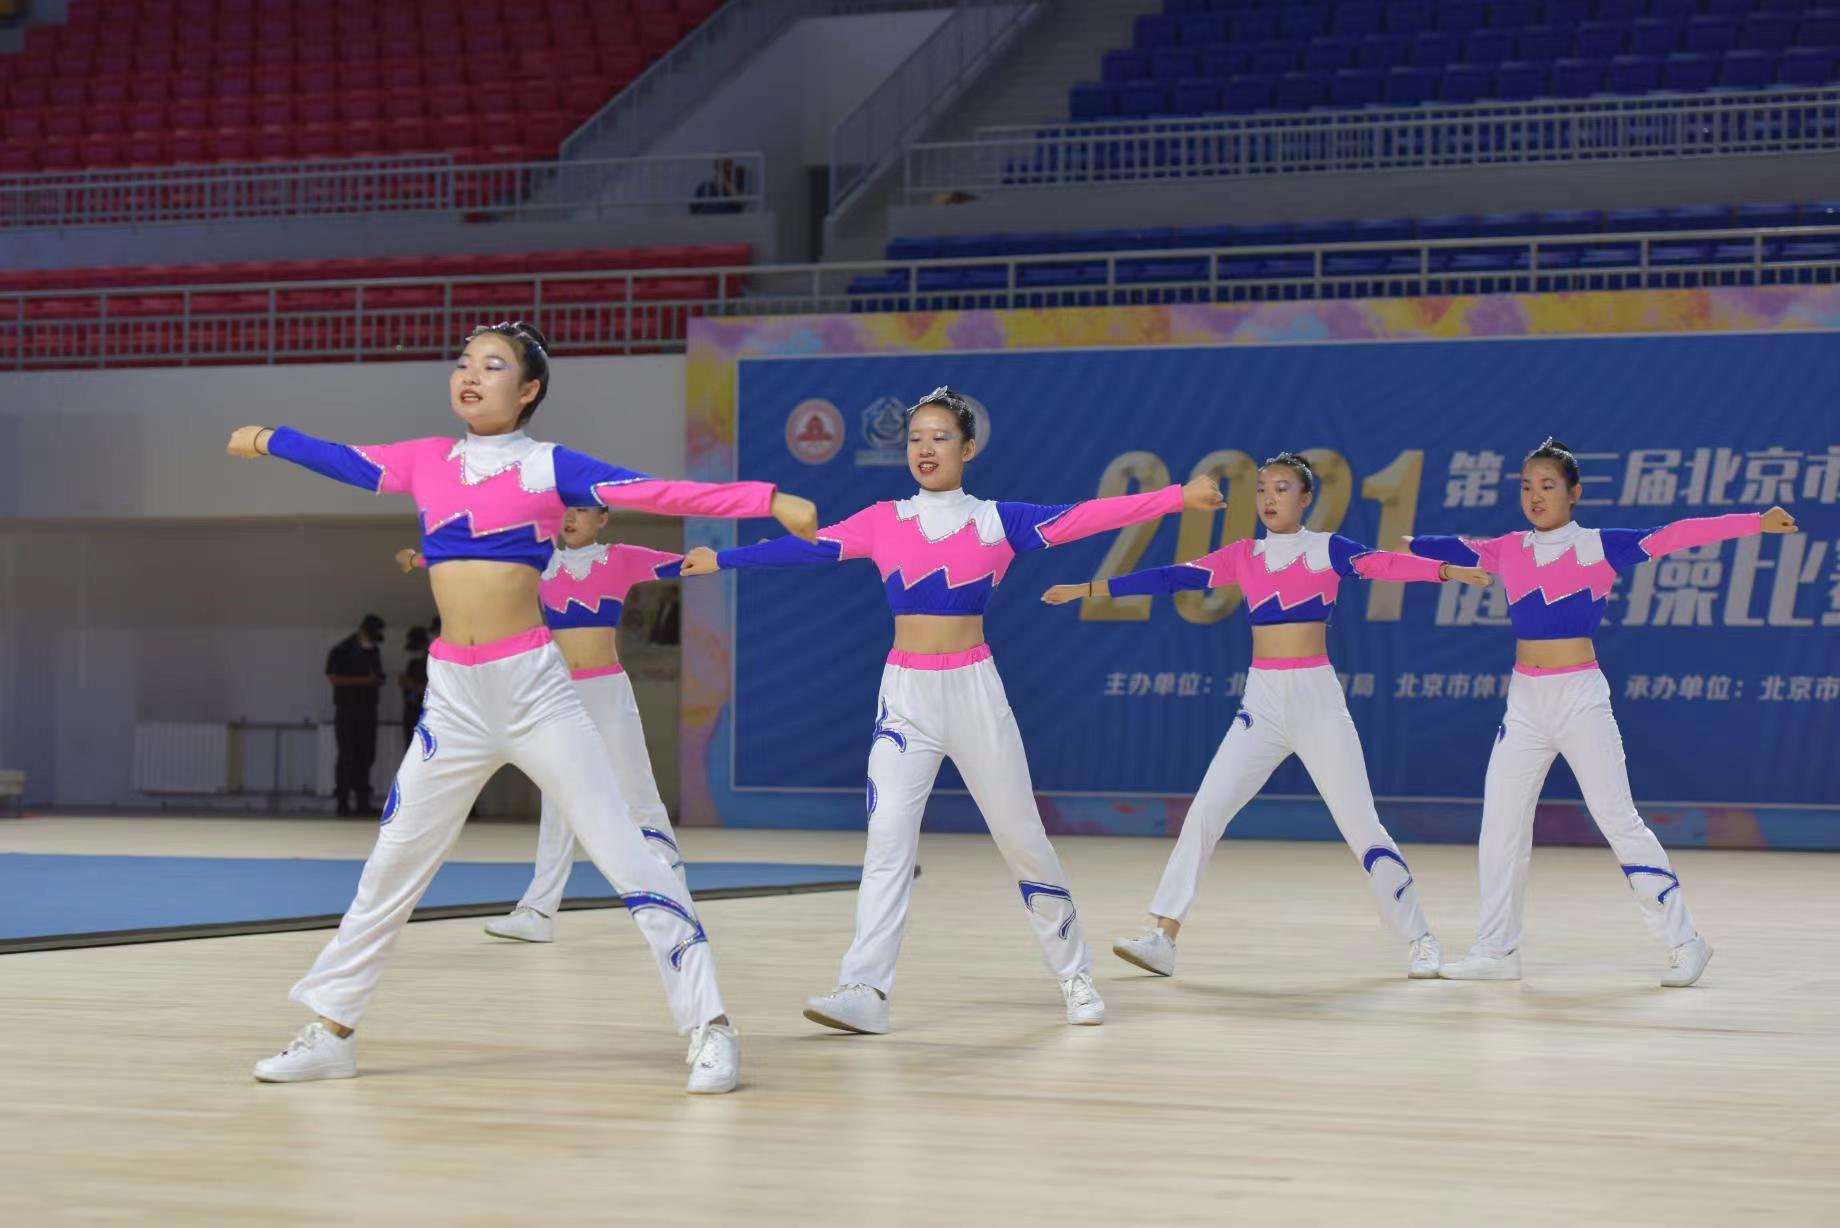 第十三届北京市体育大会健美操比赛在燕山体育馆举行